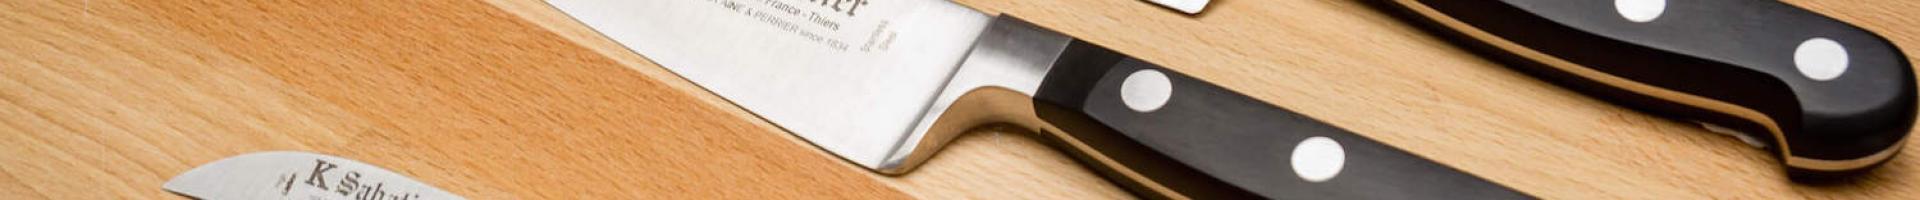 Les couteaux indispensables pour un chef cuisinier